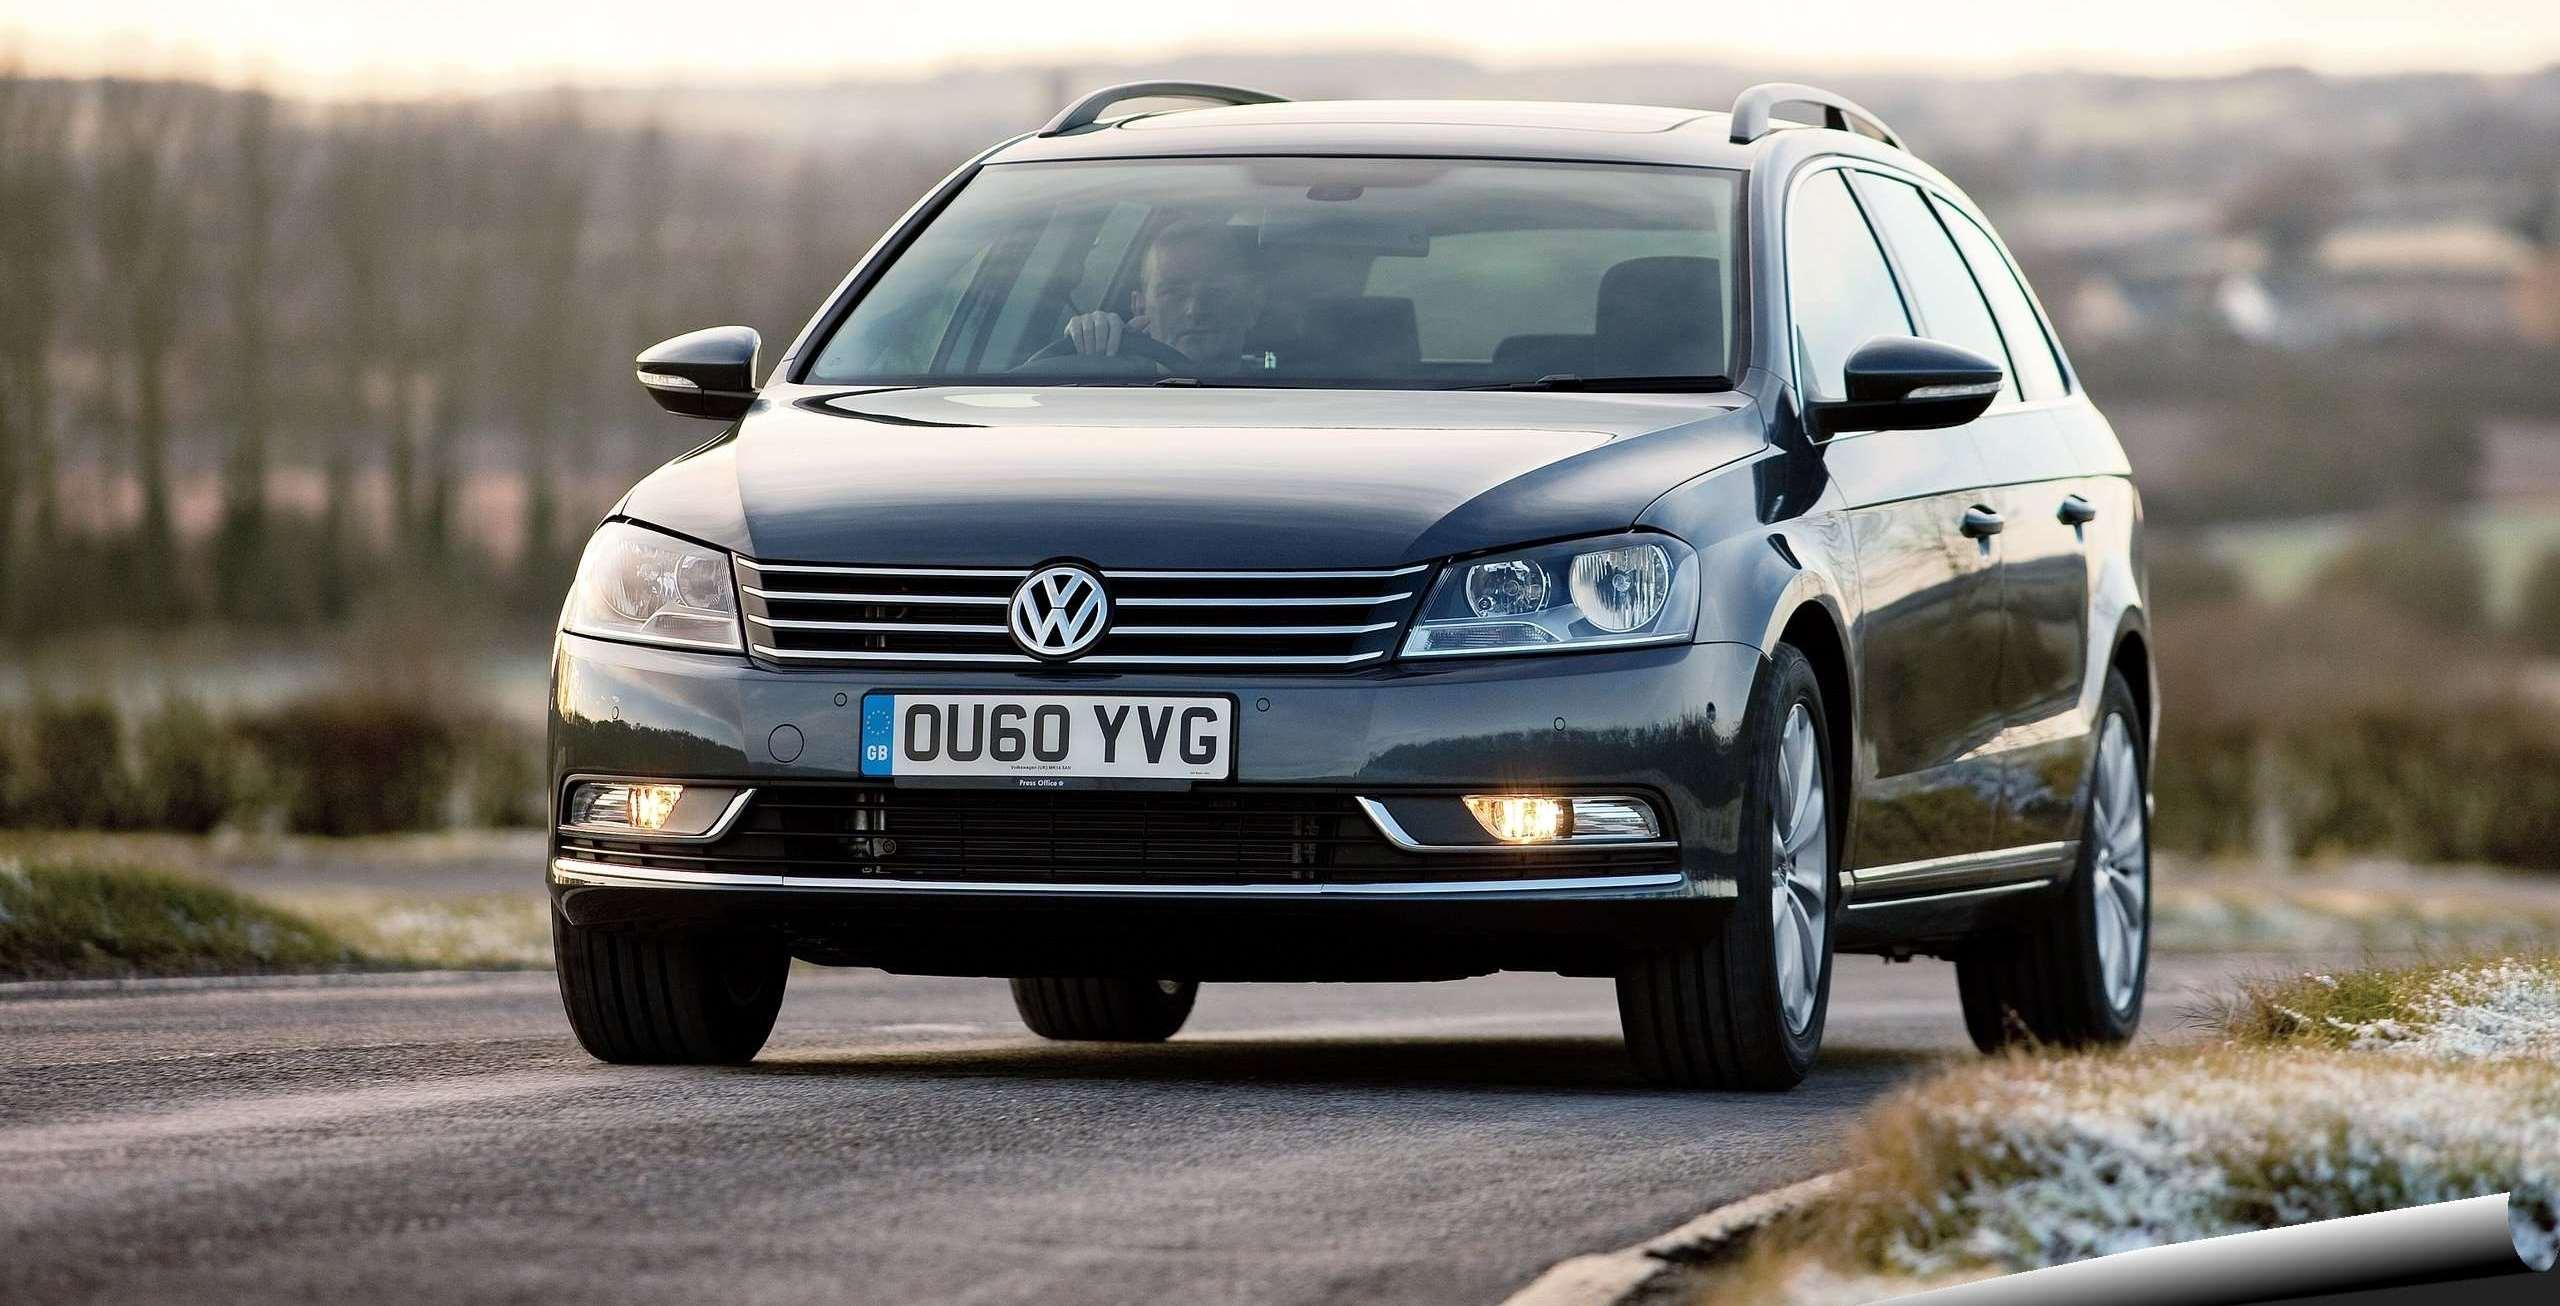 Satılık 2011 model Volkswagen Passat